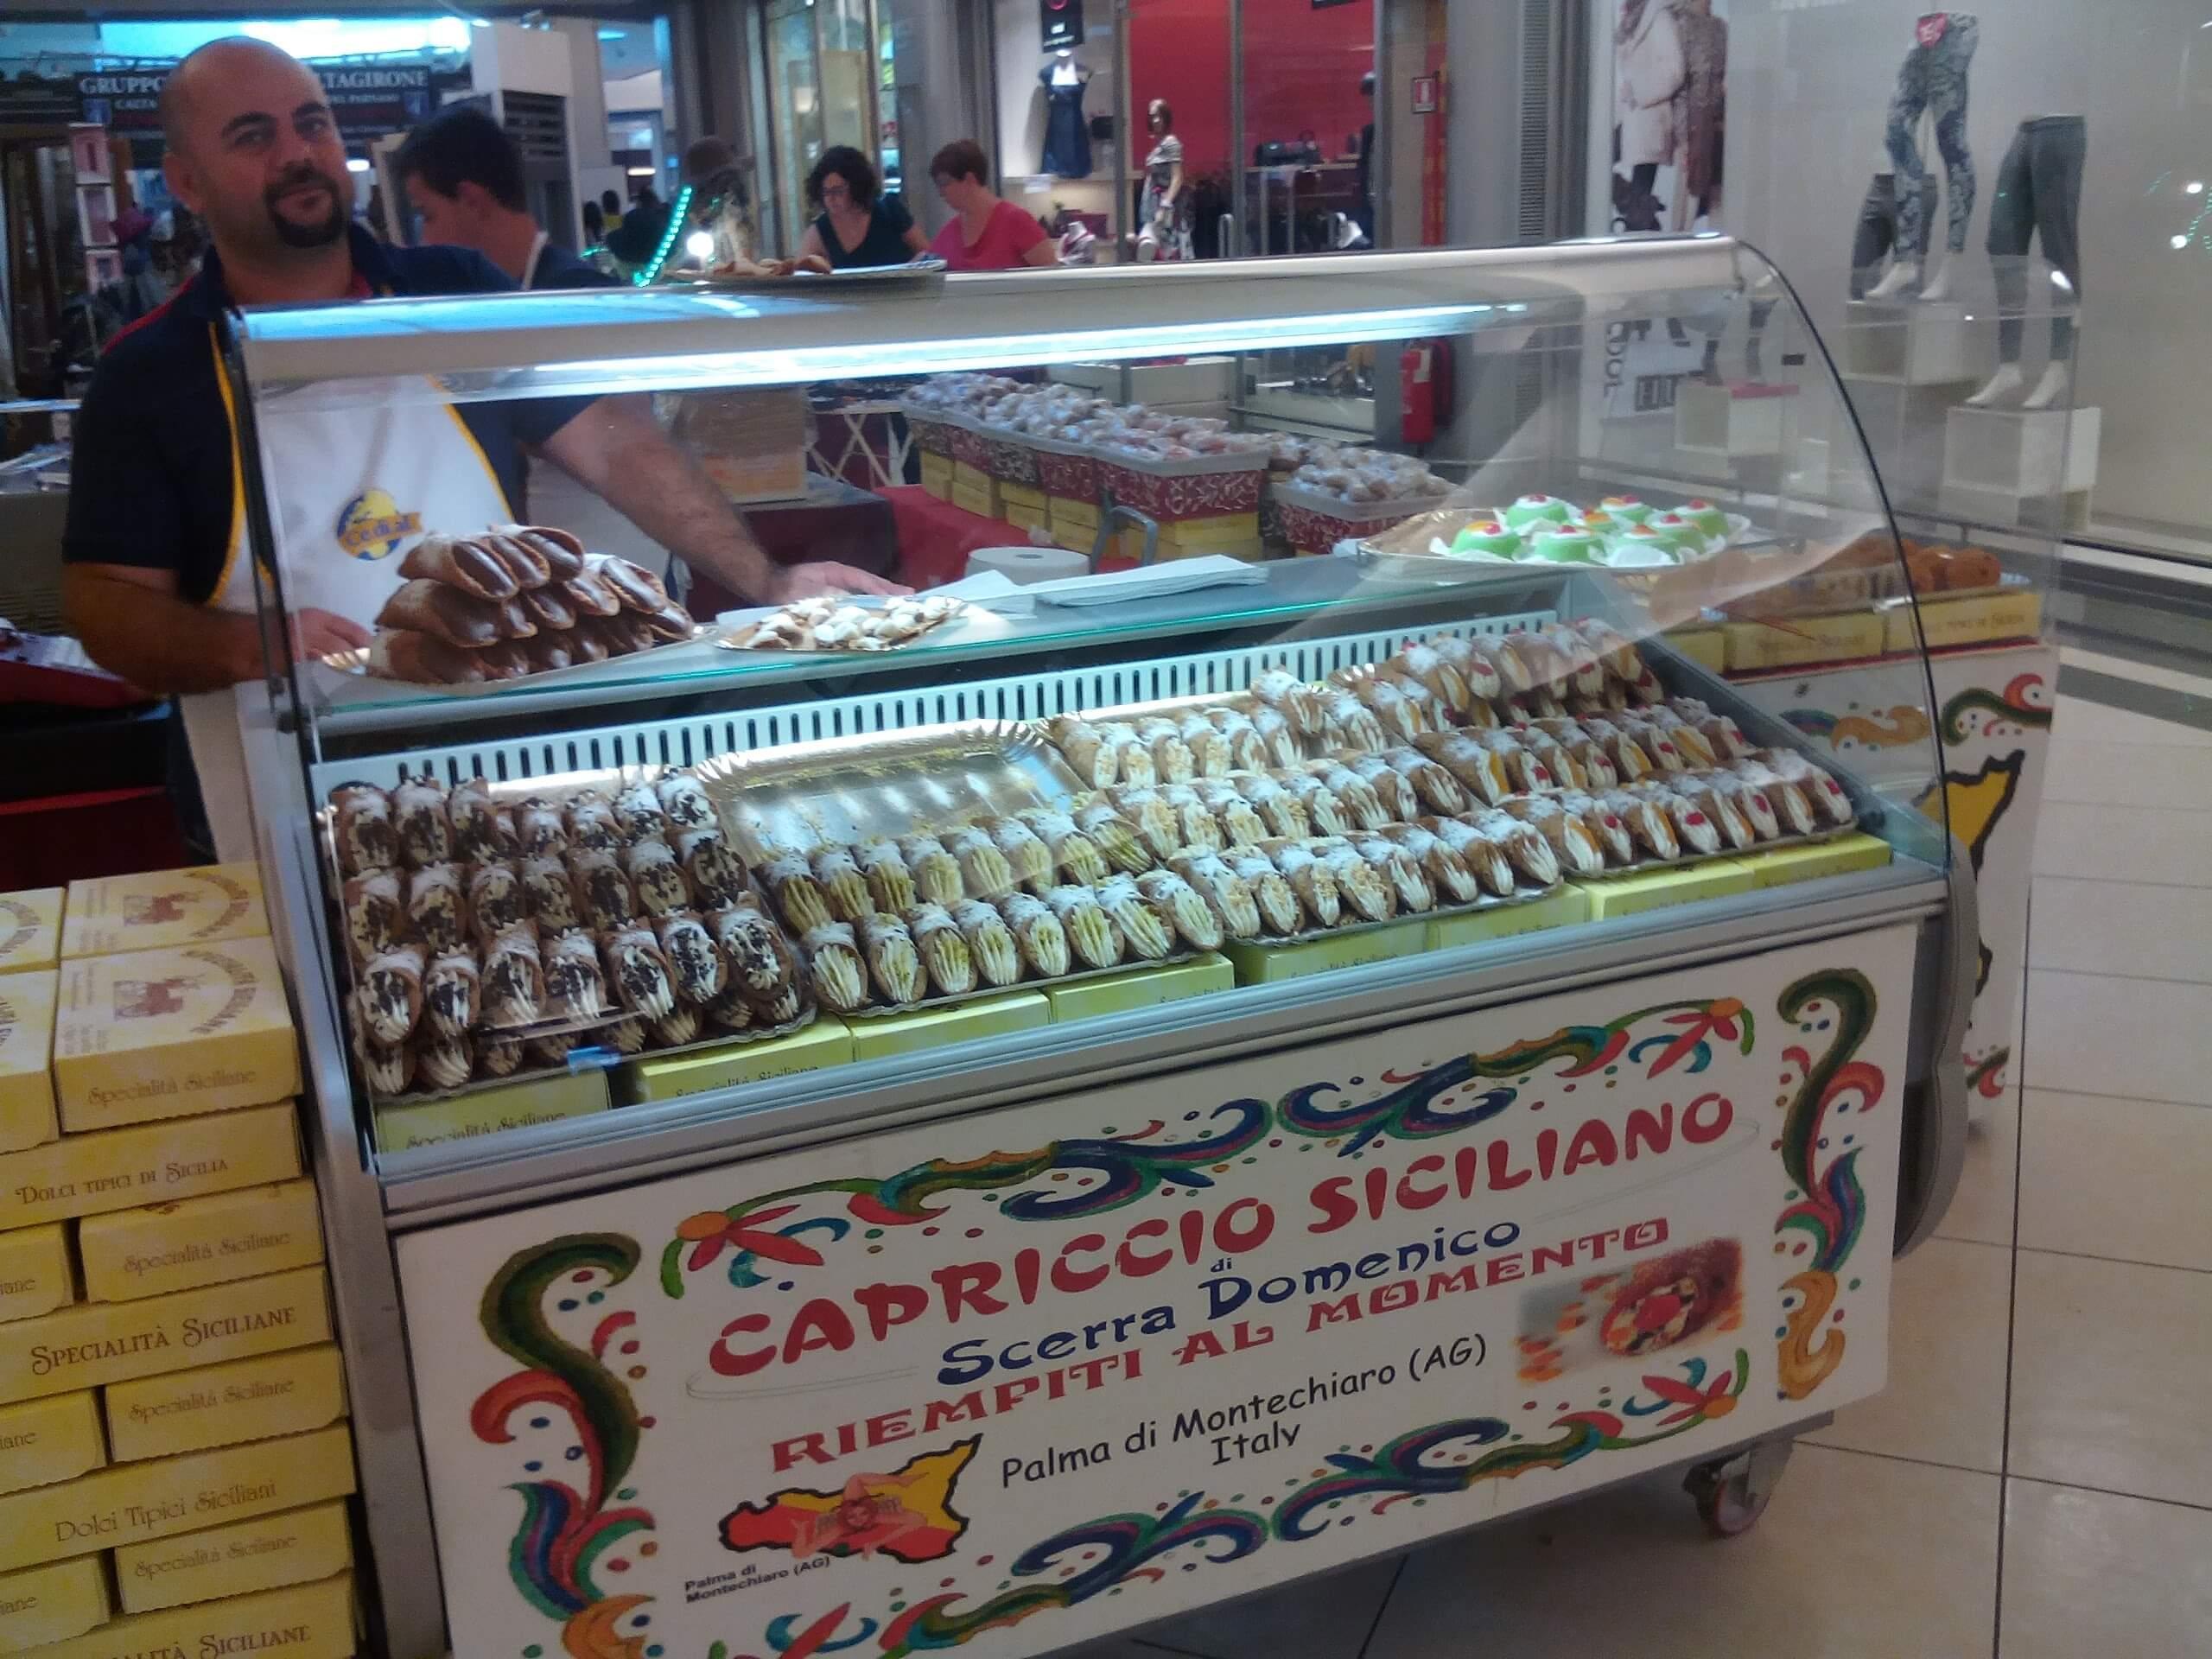 Pasticceria Capriccio Siciliano